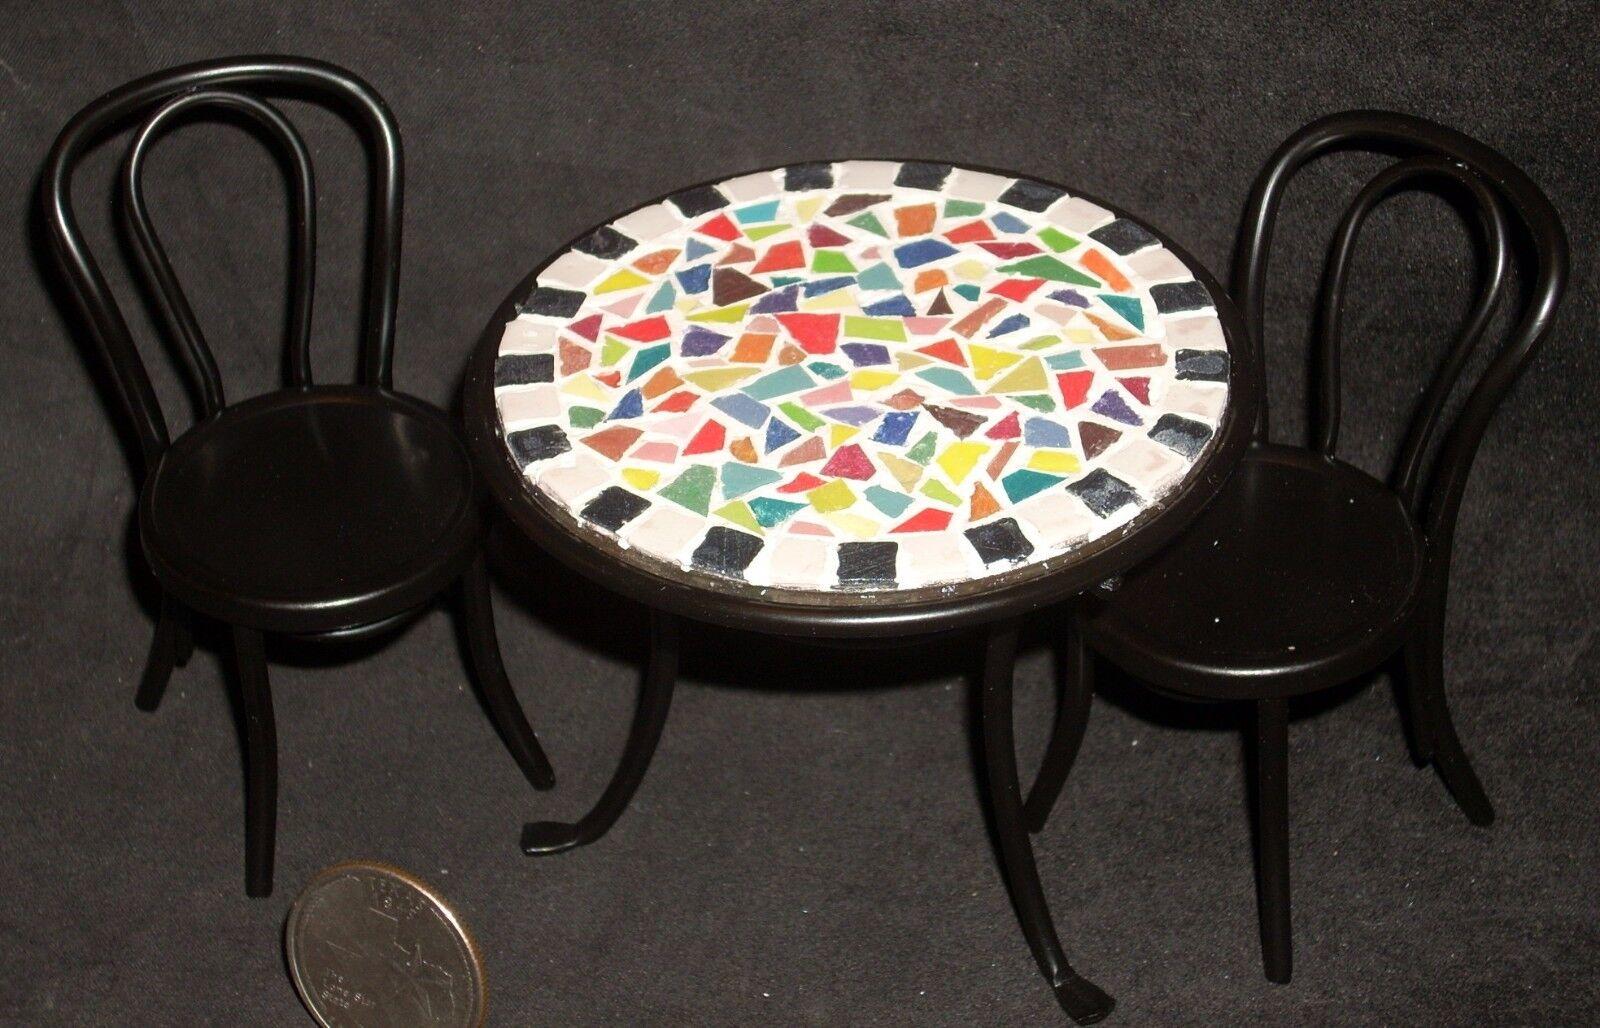 garanzia di credito Mosaic Topped Table 2 Chairs 1 12 Cafe Garden Patio Patio Patio Bistro Miniature S50 8399  ti renderà soddisfatto